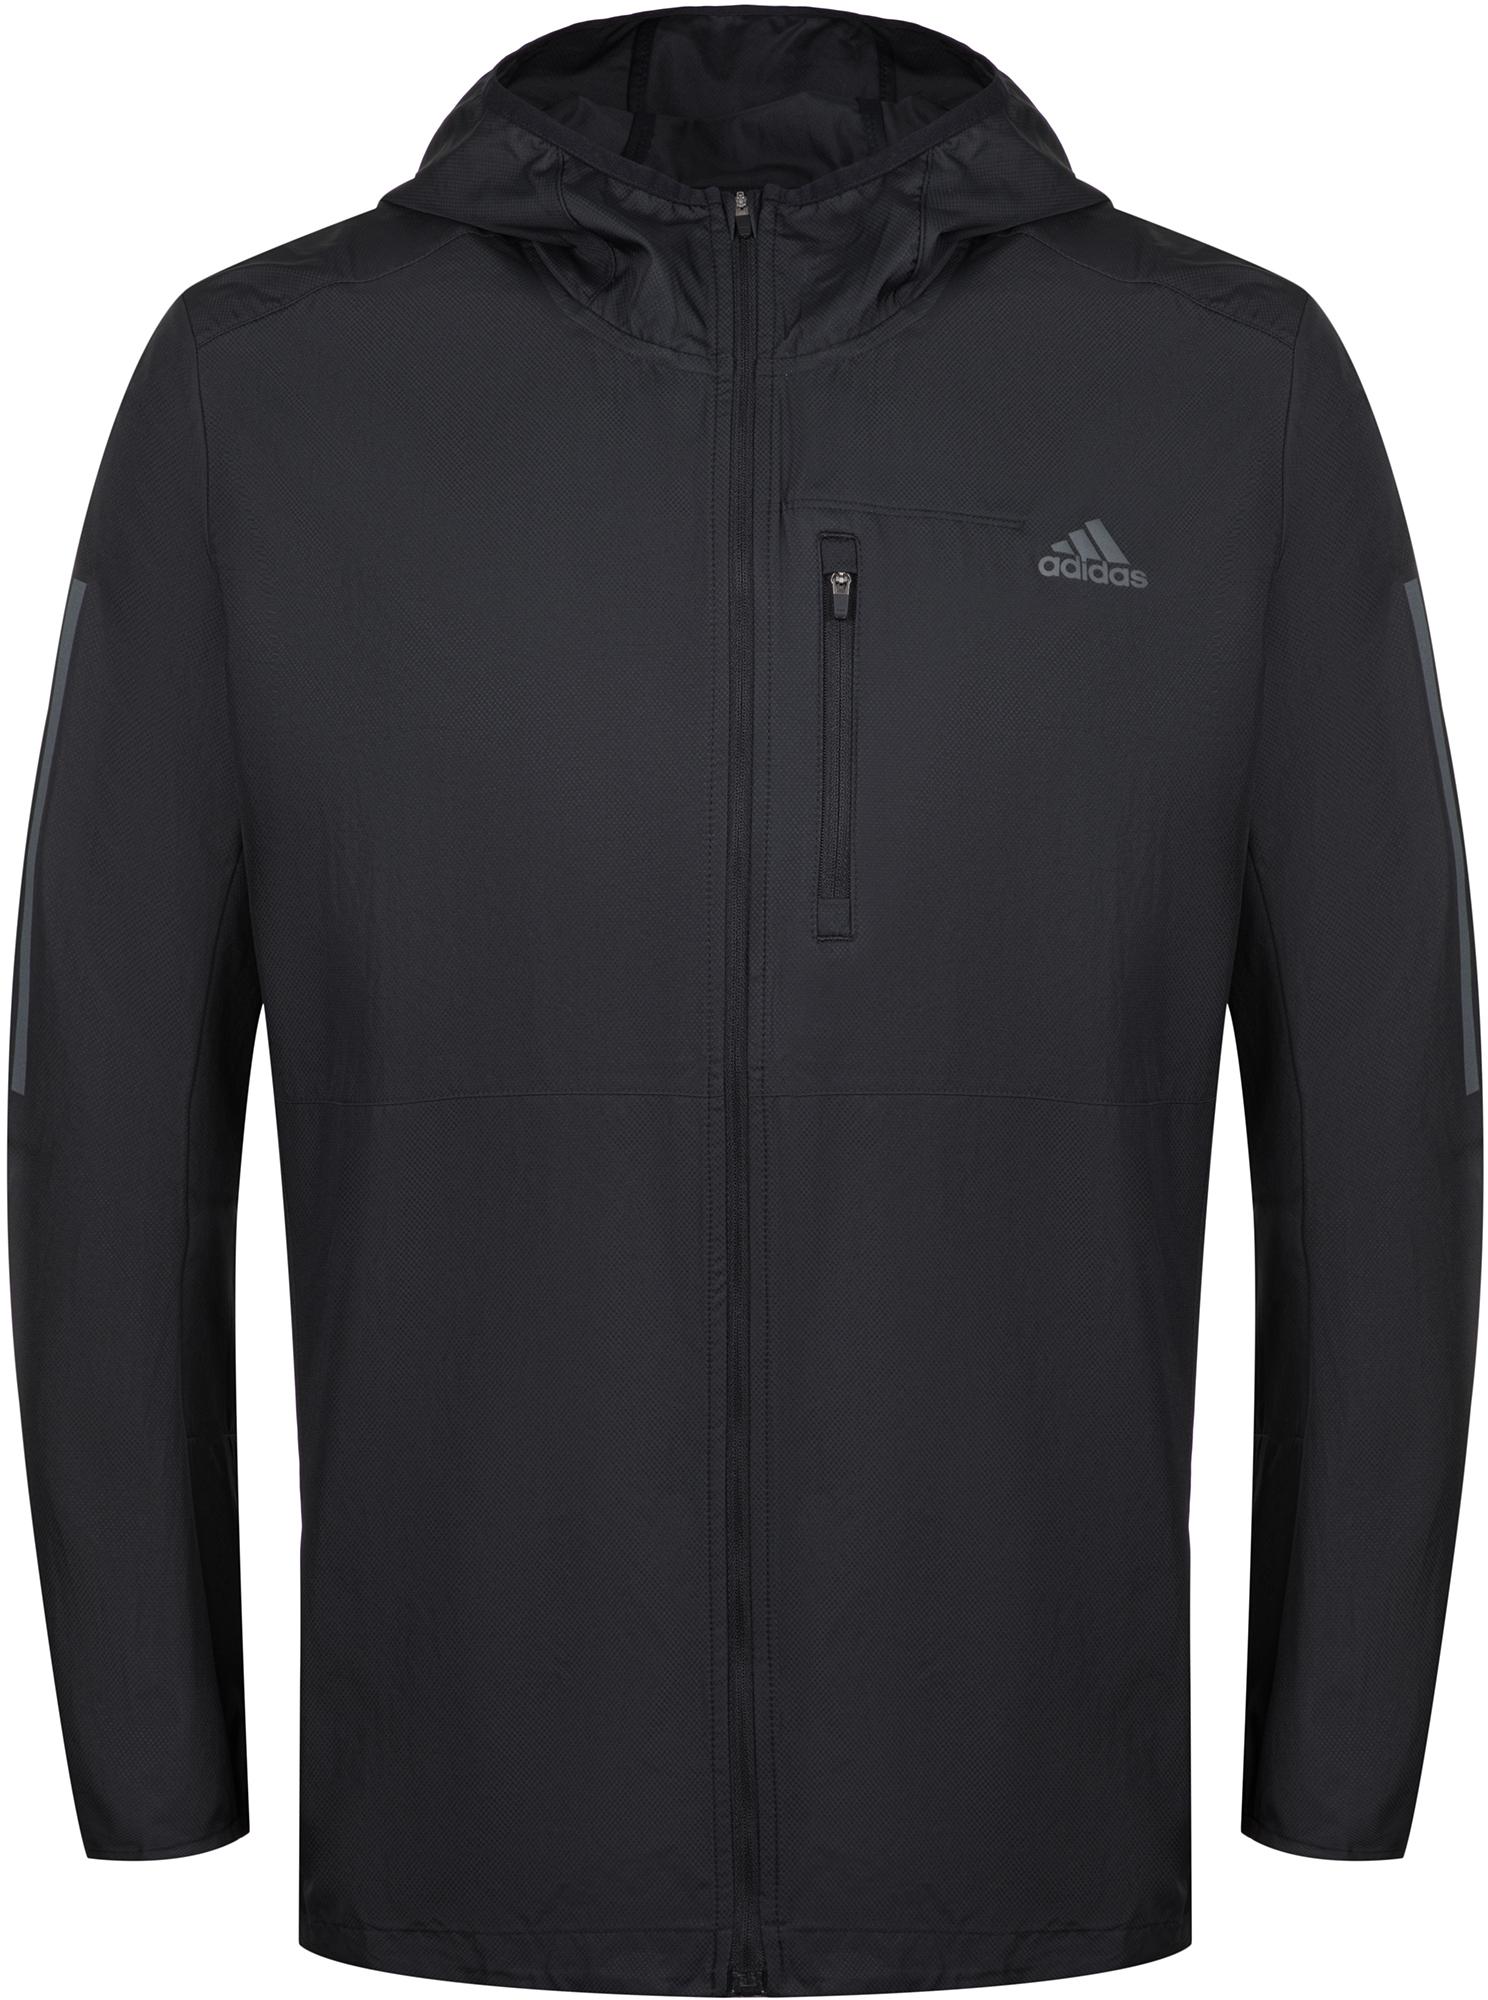 Adidas Ветровка мужская Adidas Own the Run, размер 58 стоимость